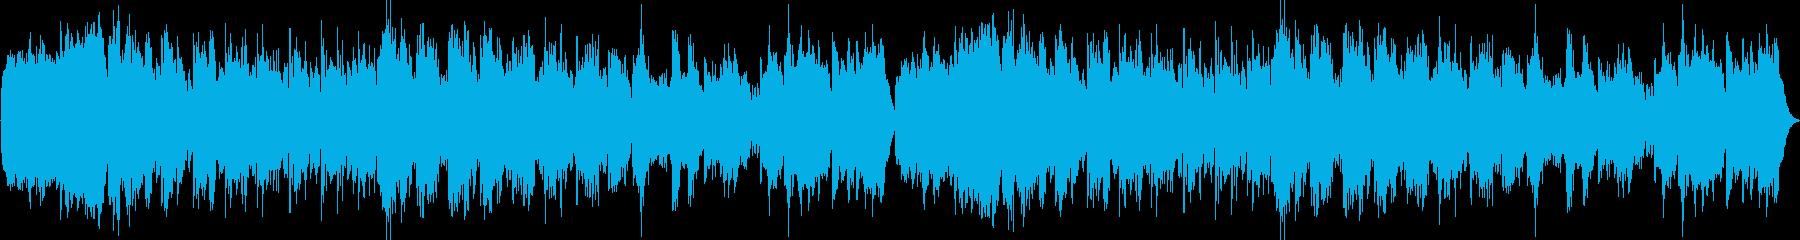 ファゴット/森林浴/爽やか/SRPGの再生済みの波形